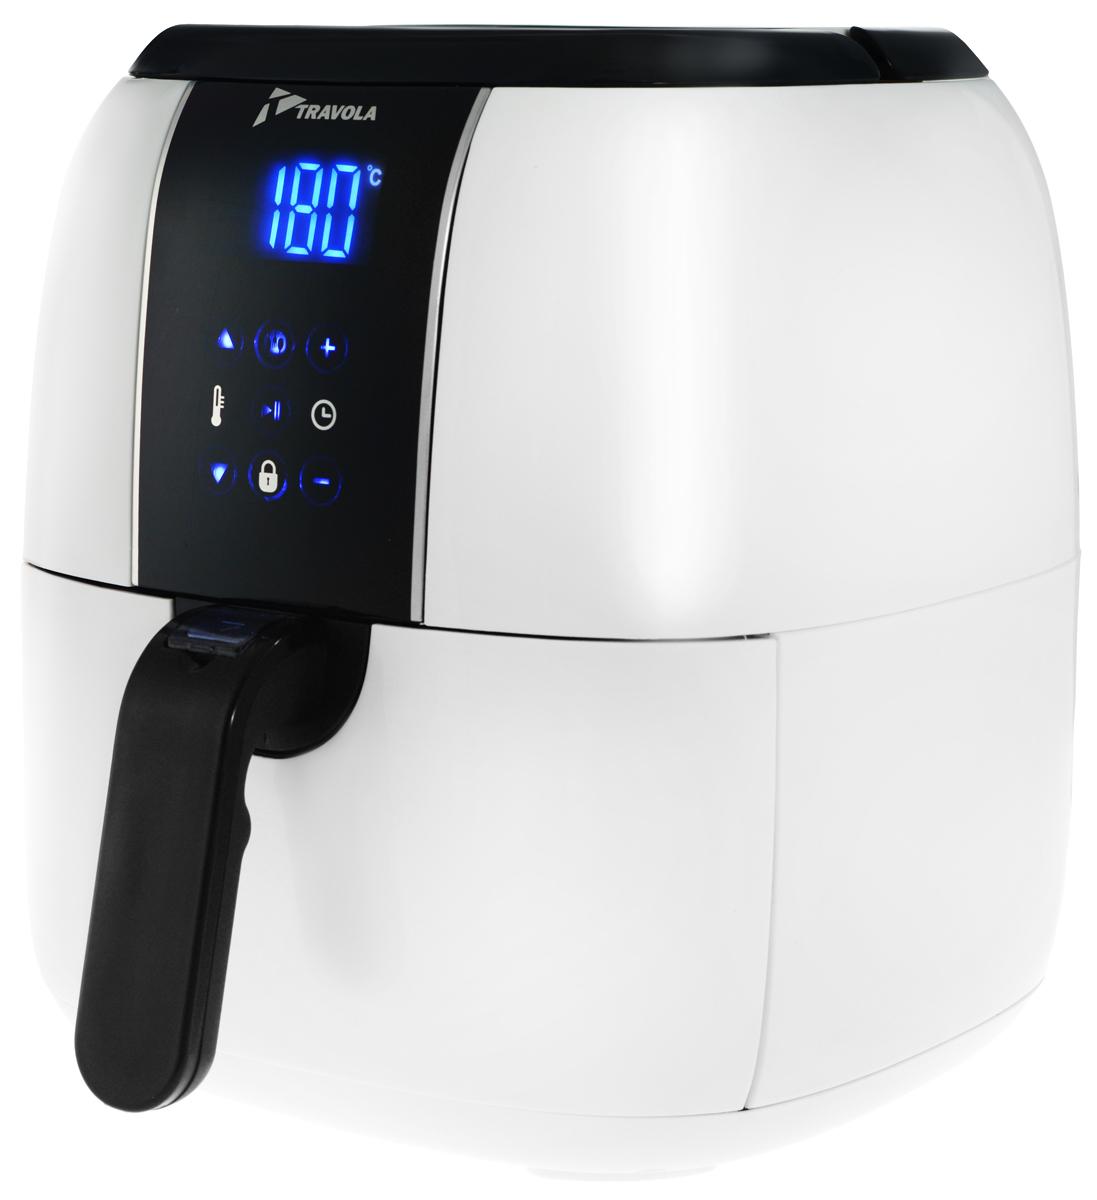 Travola, White аэрогрильAFE02B_whiteАэрогриль Travola - это легкий и быстрый способ приготовить вкусные и полезные блюда. Благодаря циркуляции горячего воздуха вы можете готовить разнообразную пищу, используя минимальное количество масла. Аэрогриль оснащен съемным контейнером. Встроенный таймер на 60 минут позволяет установить время приготовления. Вы можете регулировать температуру для приготовления пищи в диапазоне 60°С до 200°С. Сенсорная панель управления дает возможность легко выбрать нужную вам программу. Аэрогриль Travola оборудован предохранительным выключателем. При извлечении поддона из аэрогриля во время его работы, устройство прекращает нагрев, а таймер автоматически переключается на паузу, пока поддон не будет помещен назад. Программы: 01 - Замороженная жареная картошка (200°С, 16 минут) 02 - Жареная картошка по-домашнему (200°С, 18 минут) 03 - Стейк (180°С, 15 минут) 04 - Куриные ножки (180°С, 20 минут) 05 - Рыба (200°С, 12 минут) 06 -...